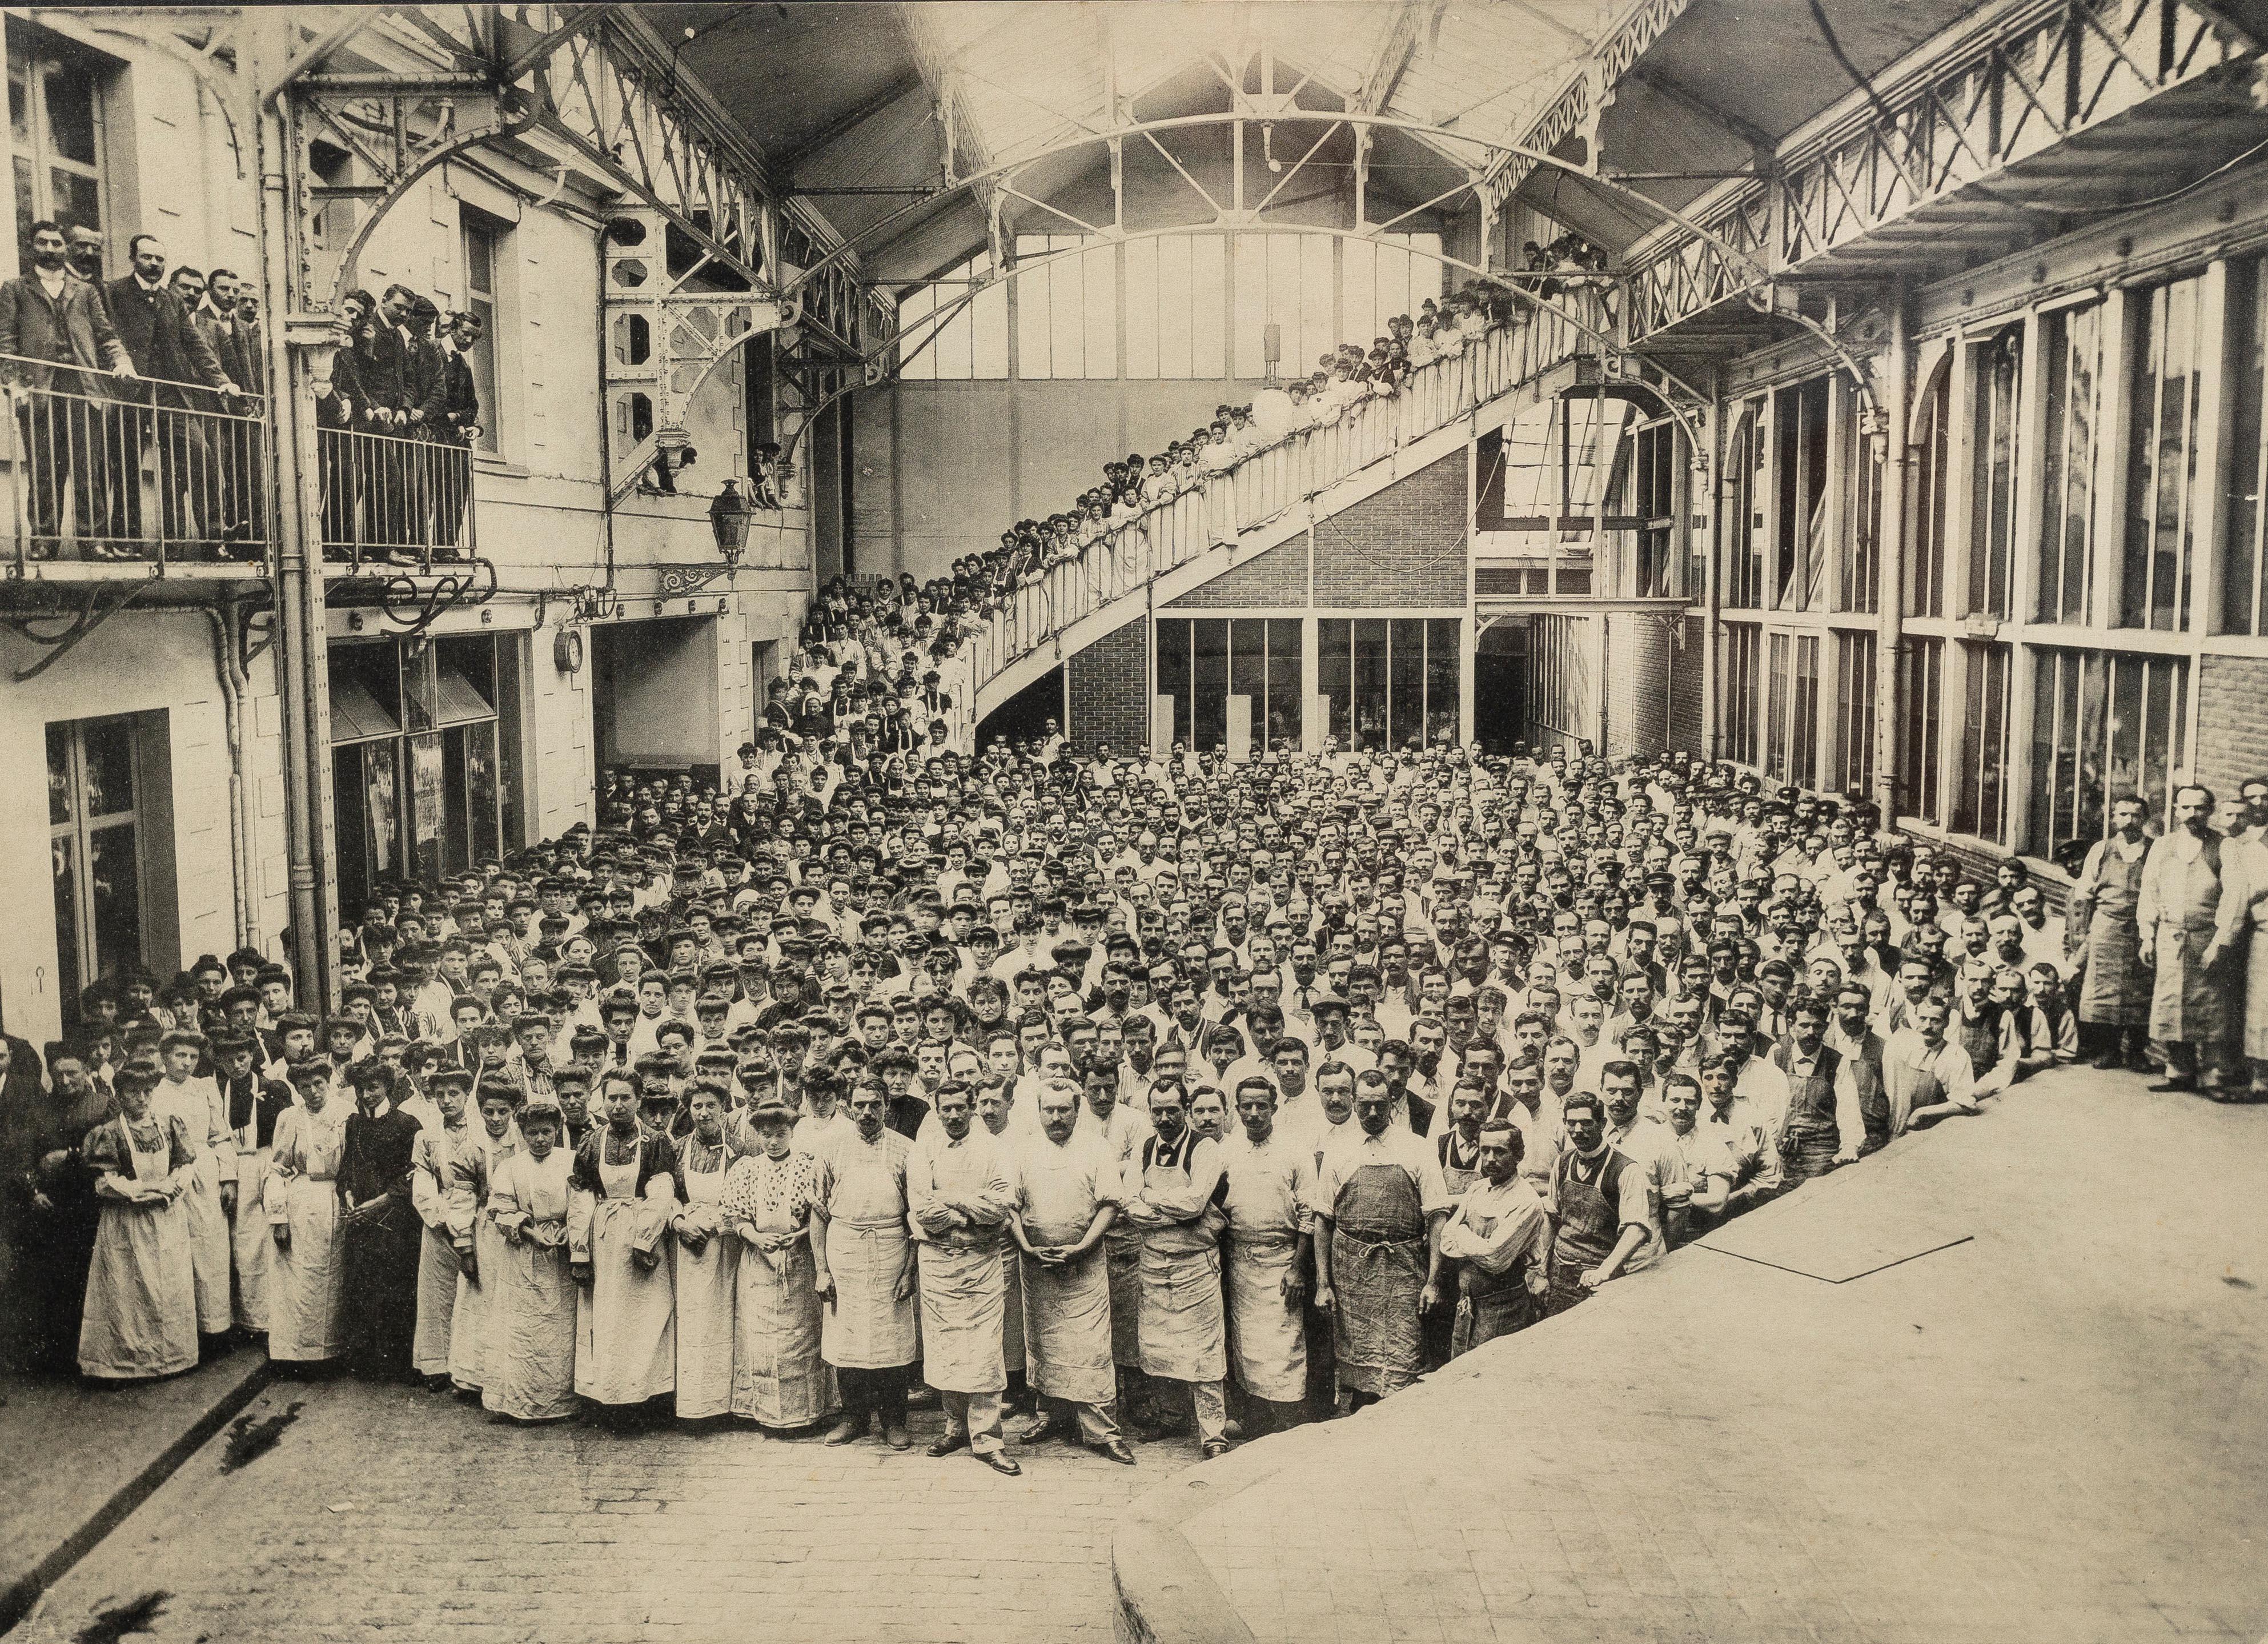 Le personnel de la maison LU vers 1907 (collection Olivier Fruneau-Maigret).